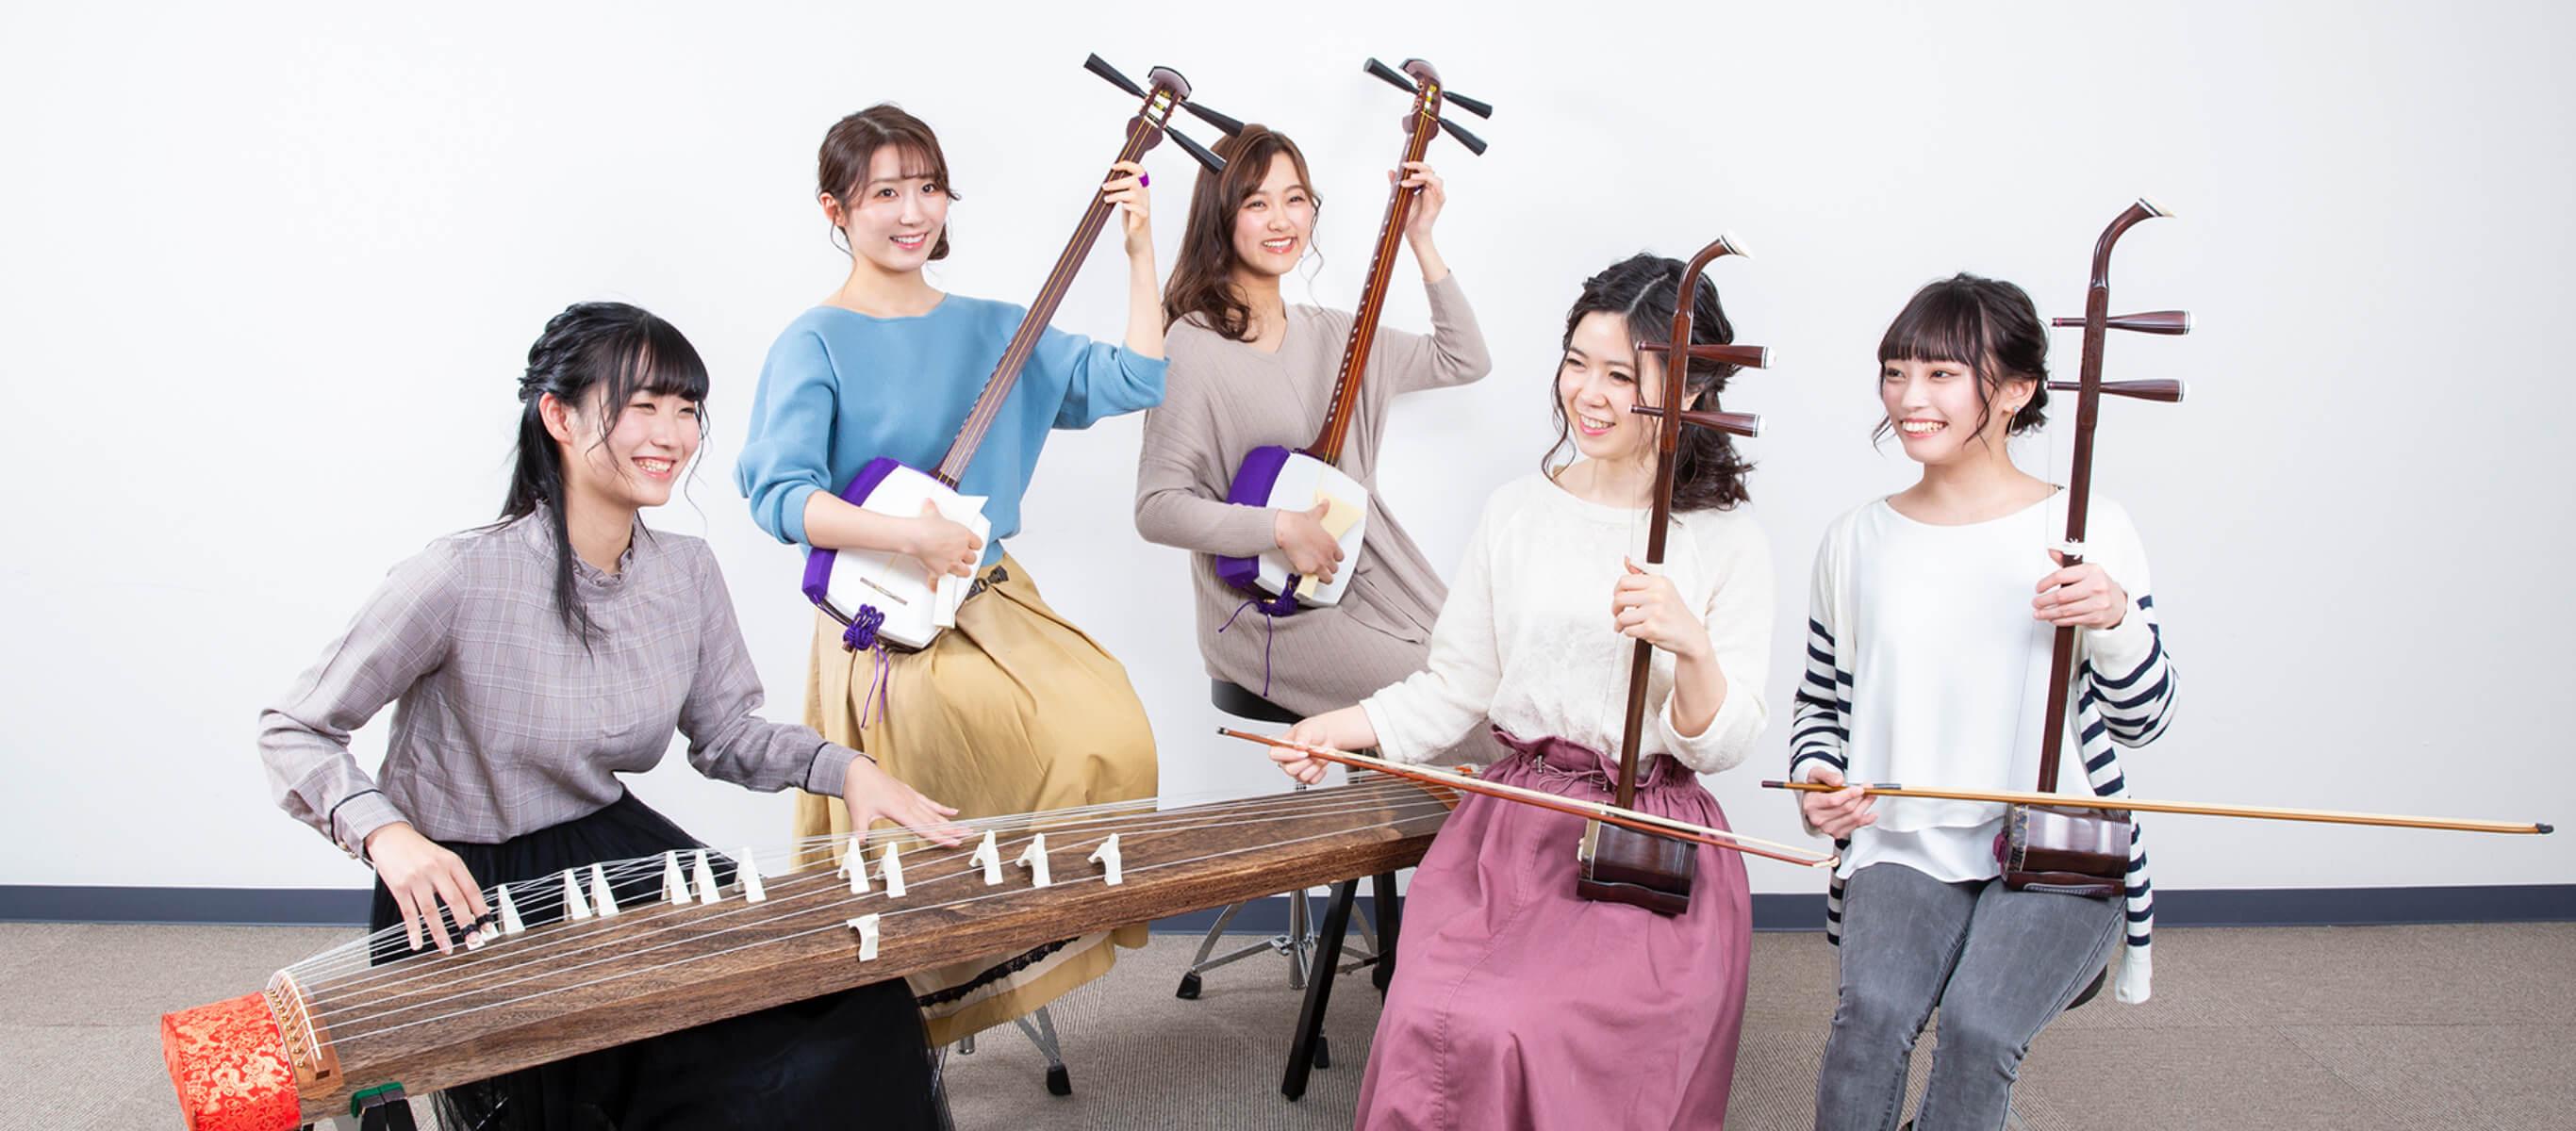 琴、三味線、二胡を演奏する女性たち